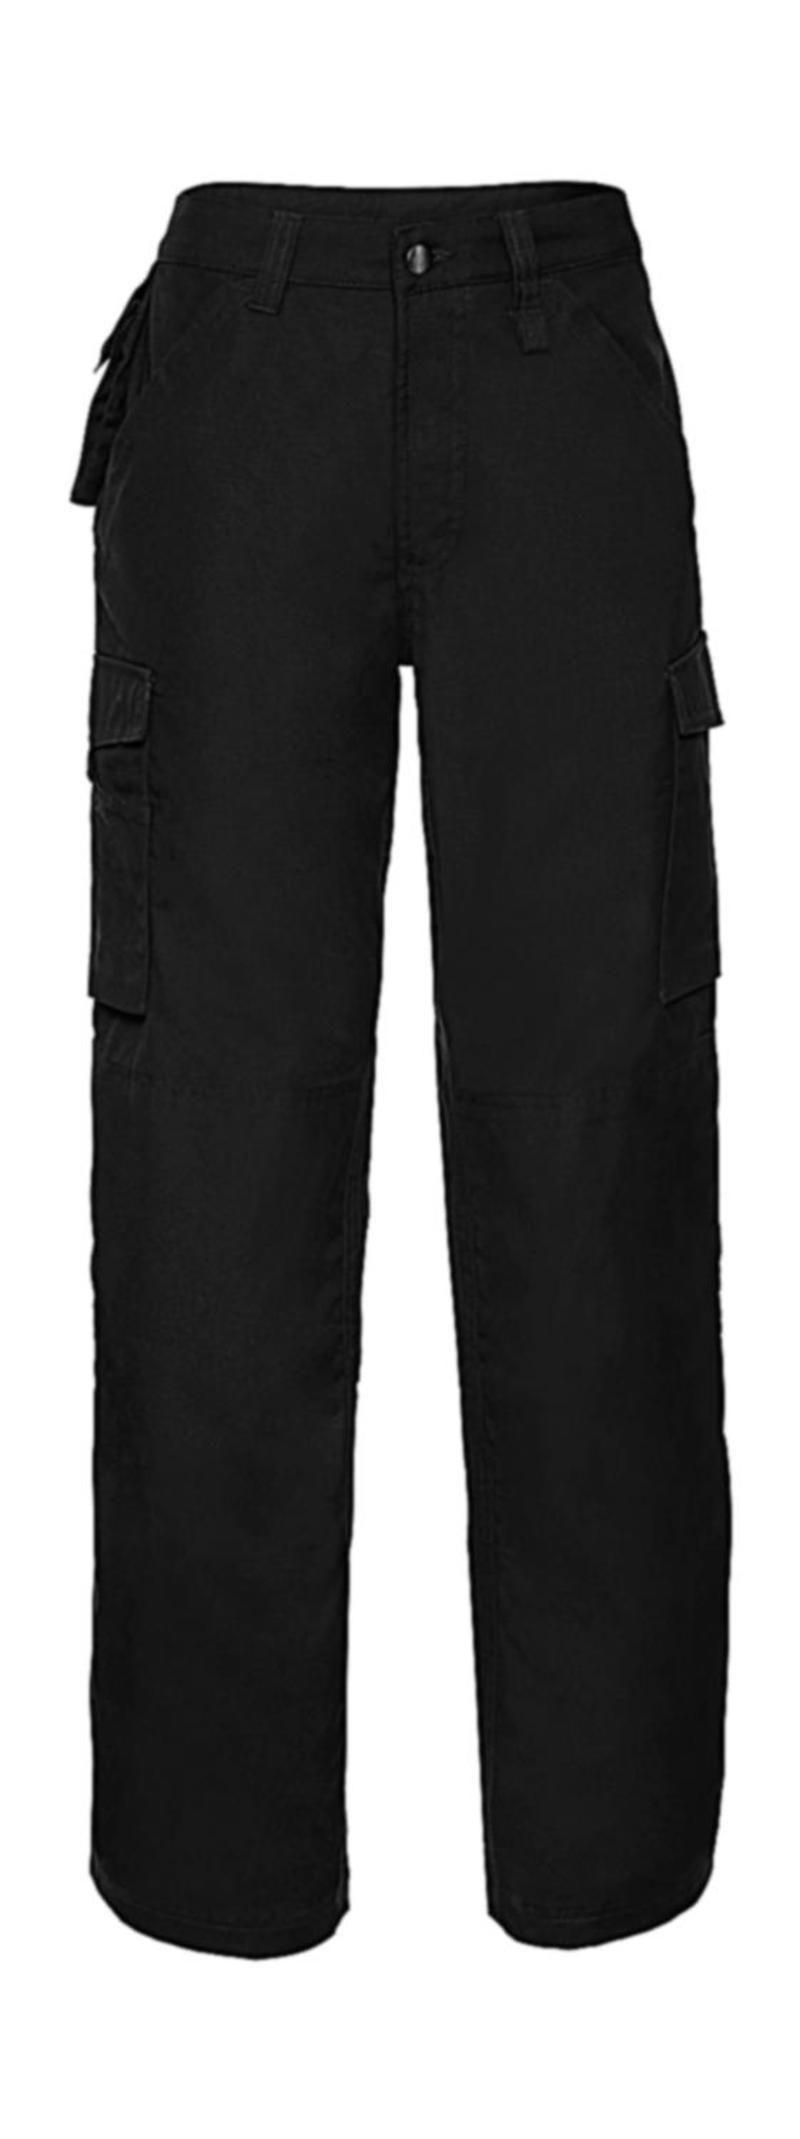 Heavy Duty Workwear Trouser length 30